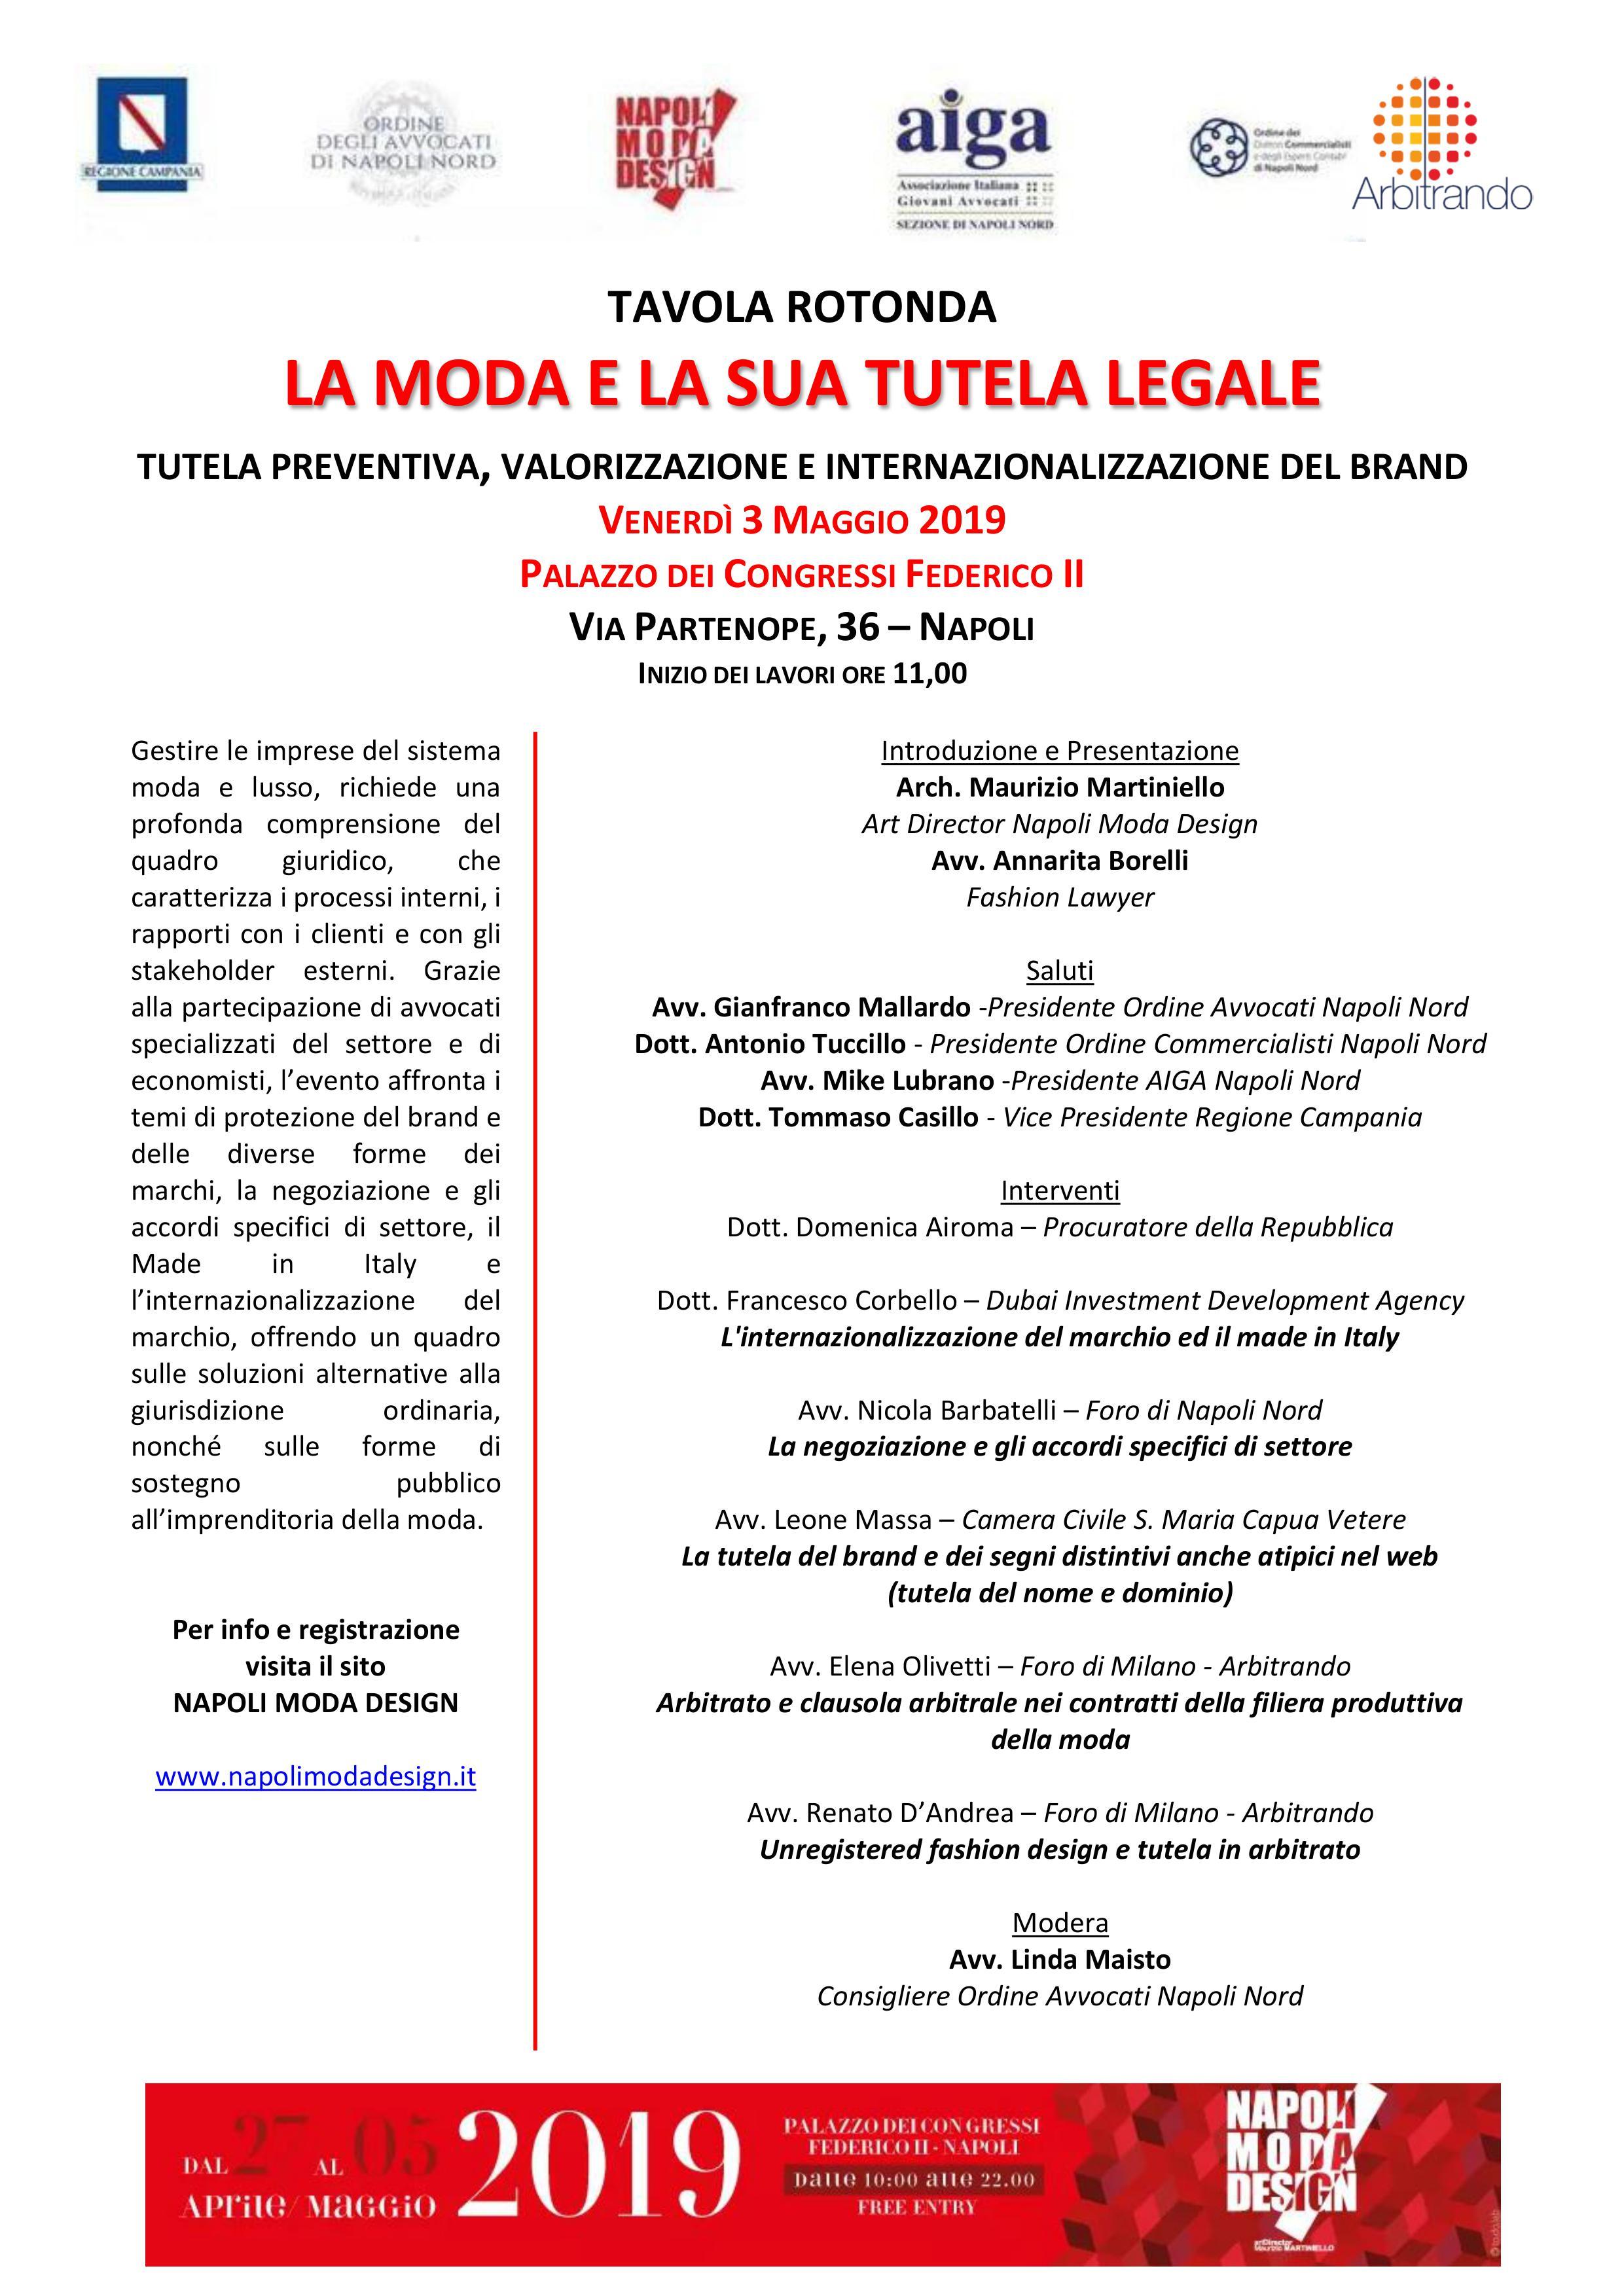 Programma convegno La Moda e la sua tutela legale - Napoli 3 maggio 2019